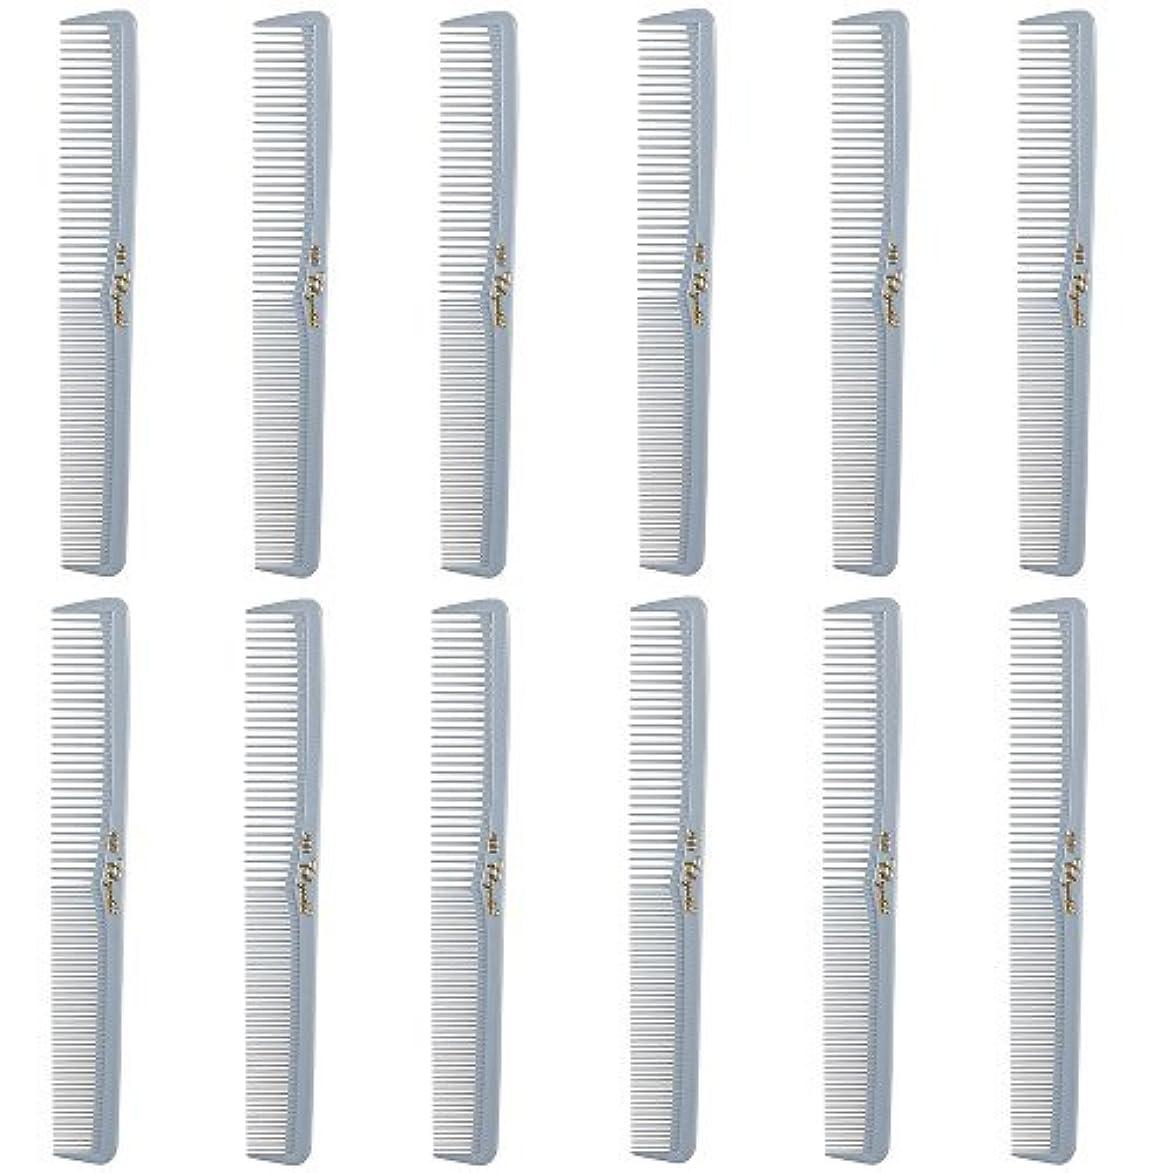 シャーロットブロンテ流出道徳教育Barber Beauty Hair Cleopatra 400 All Purpose Comb (12 Pack) 12 x SB-C400-LGREY [並行輸入品]